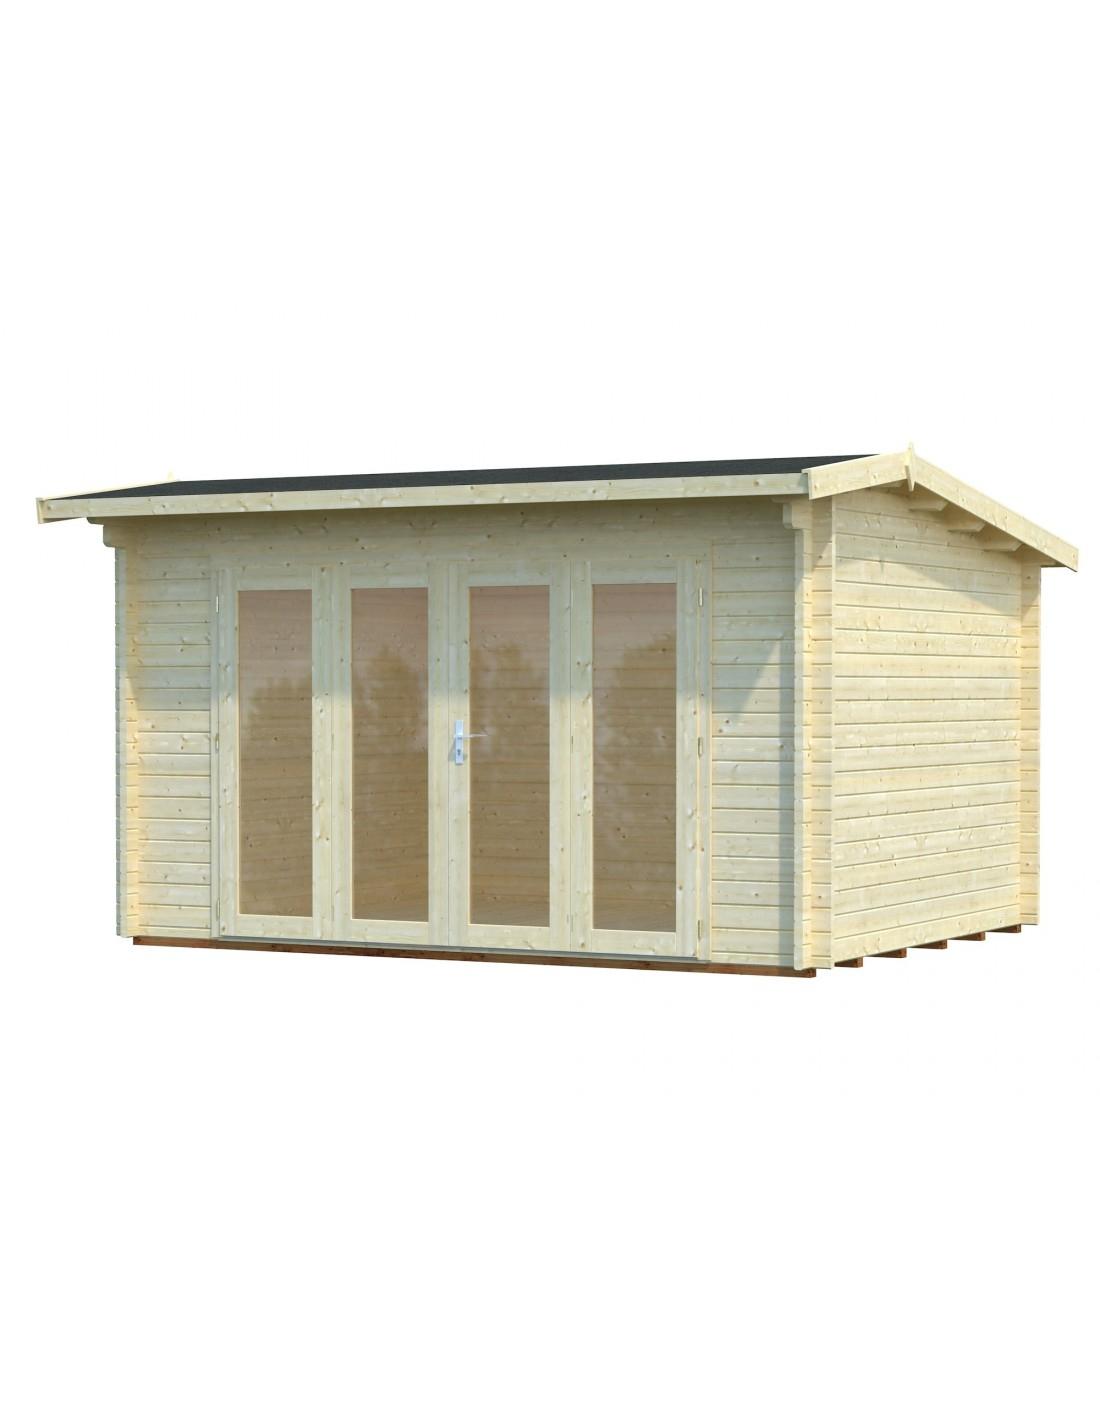 Abri De Jardin Ines 11.7 M² Avec Plancher - Serres-Et-Abris intérieur Abri De Jardin Avec Plancher